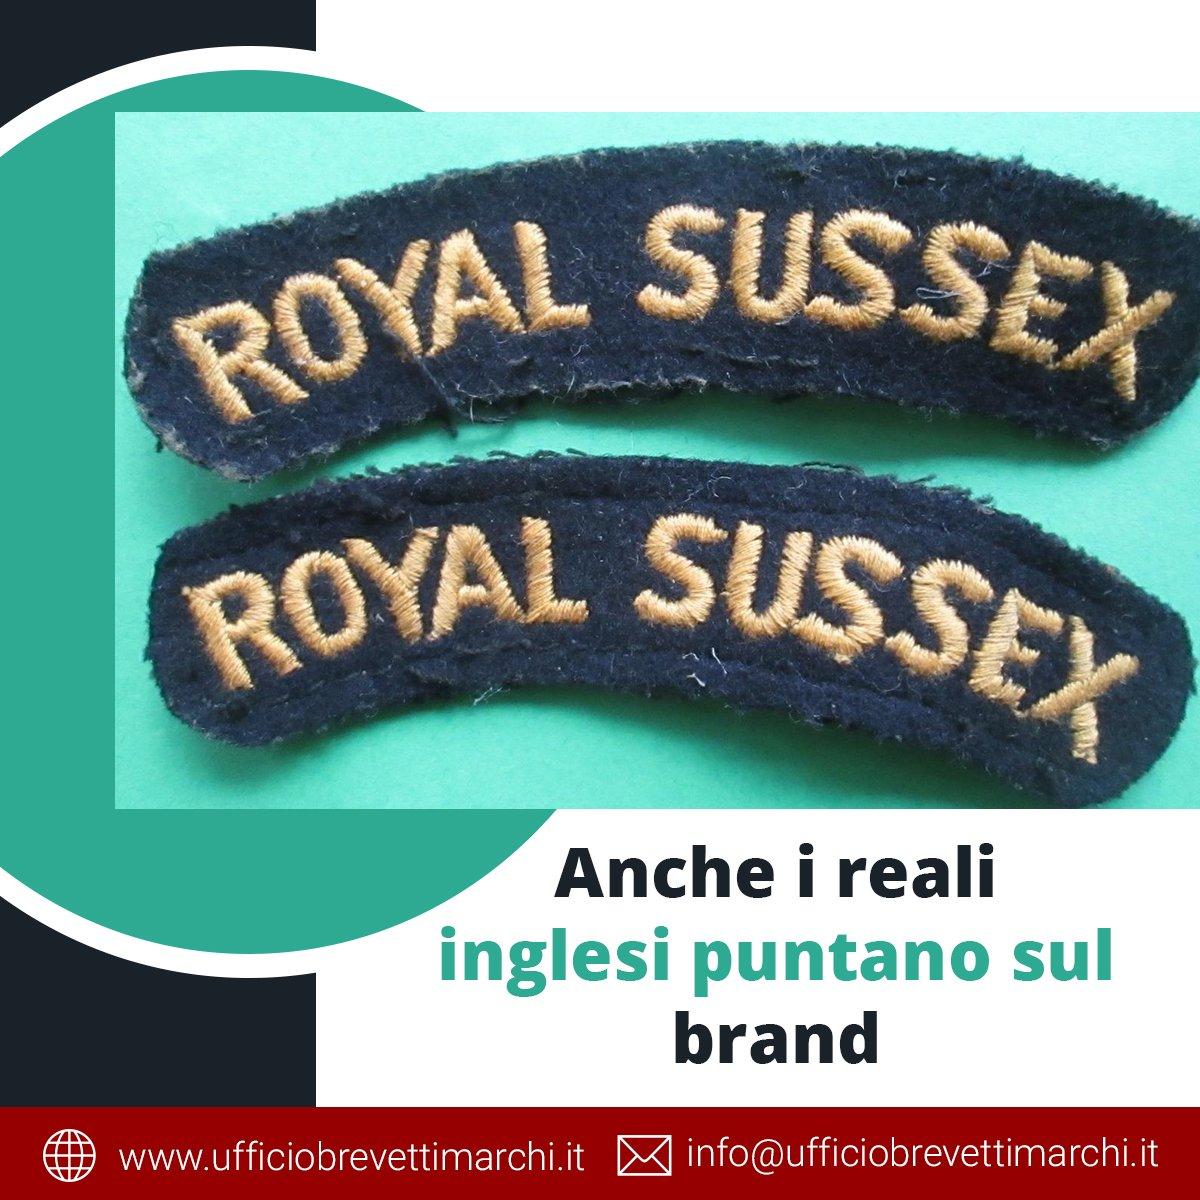 Anche-i-reali-inglesi-puntano-sul-brand